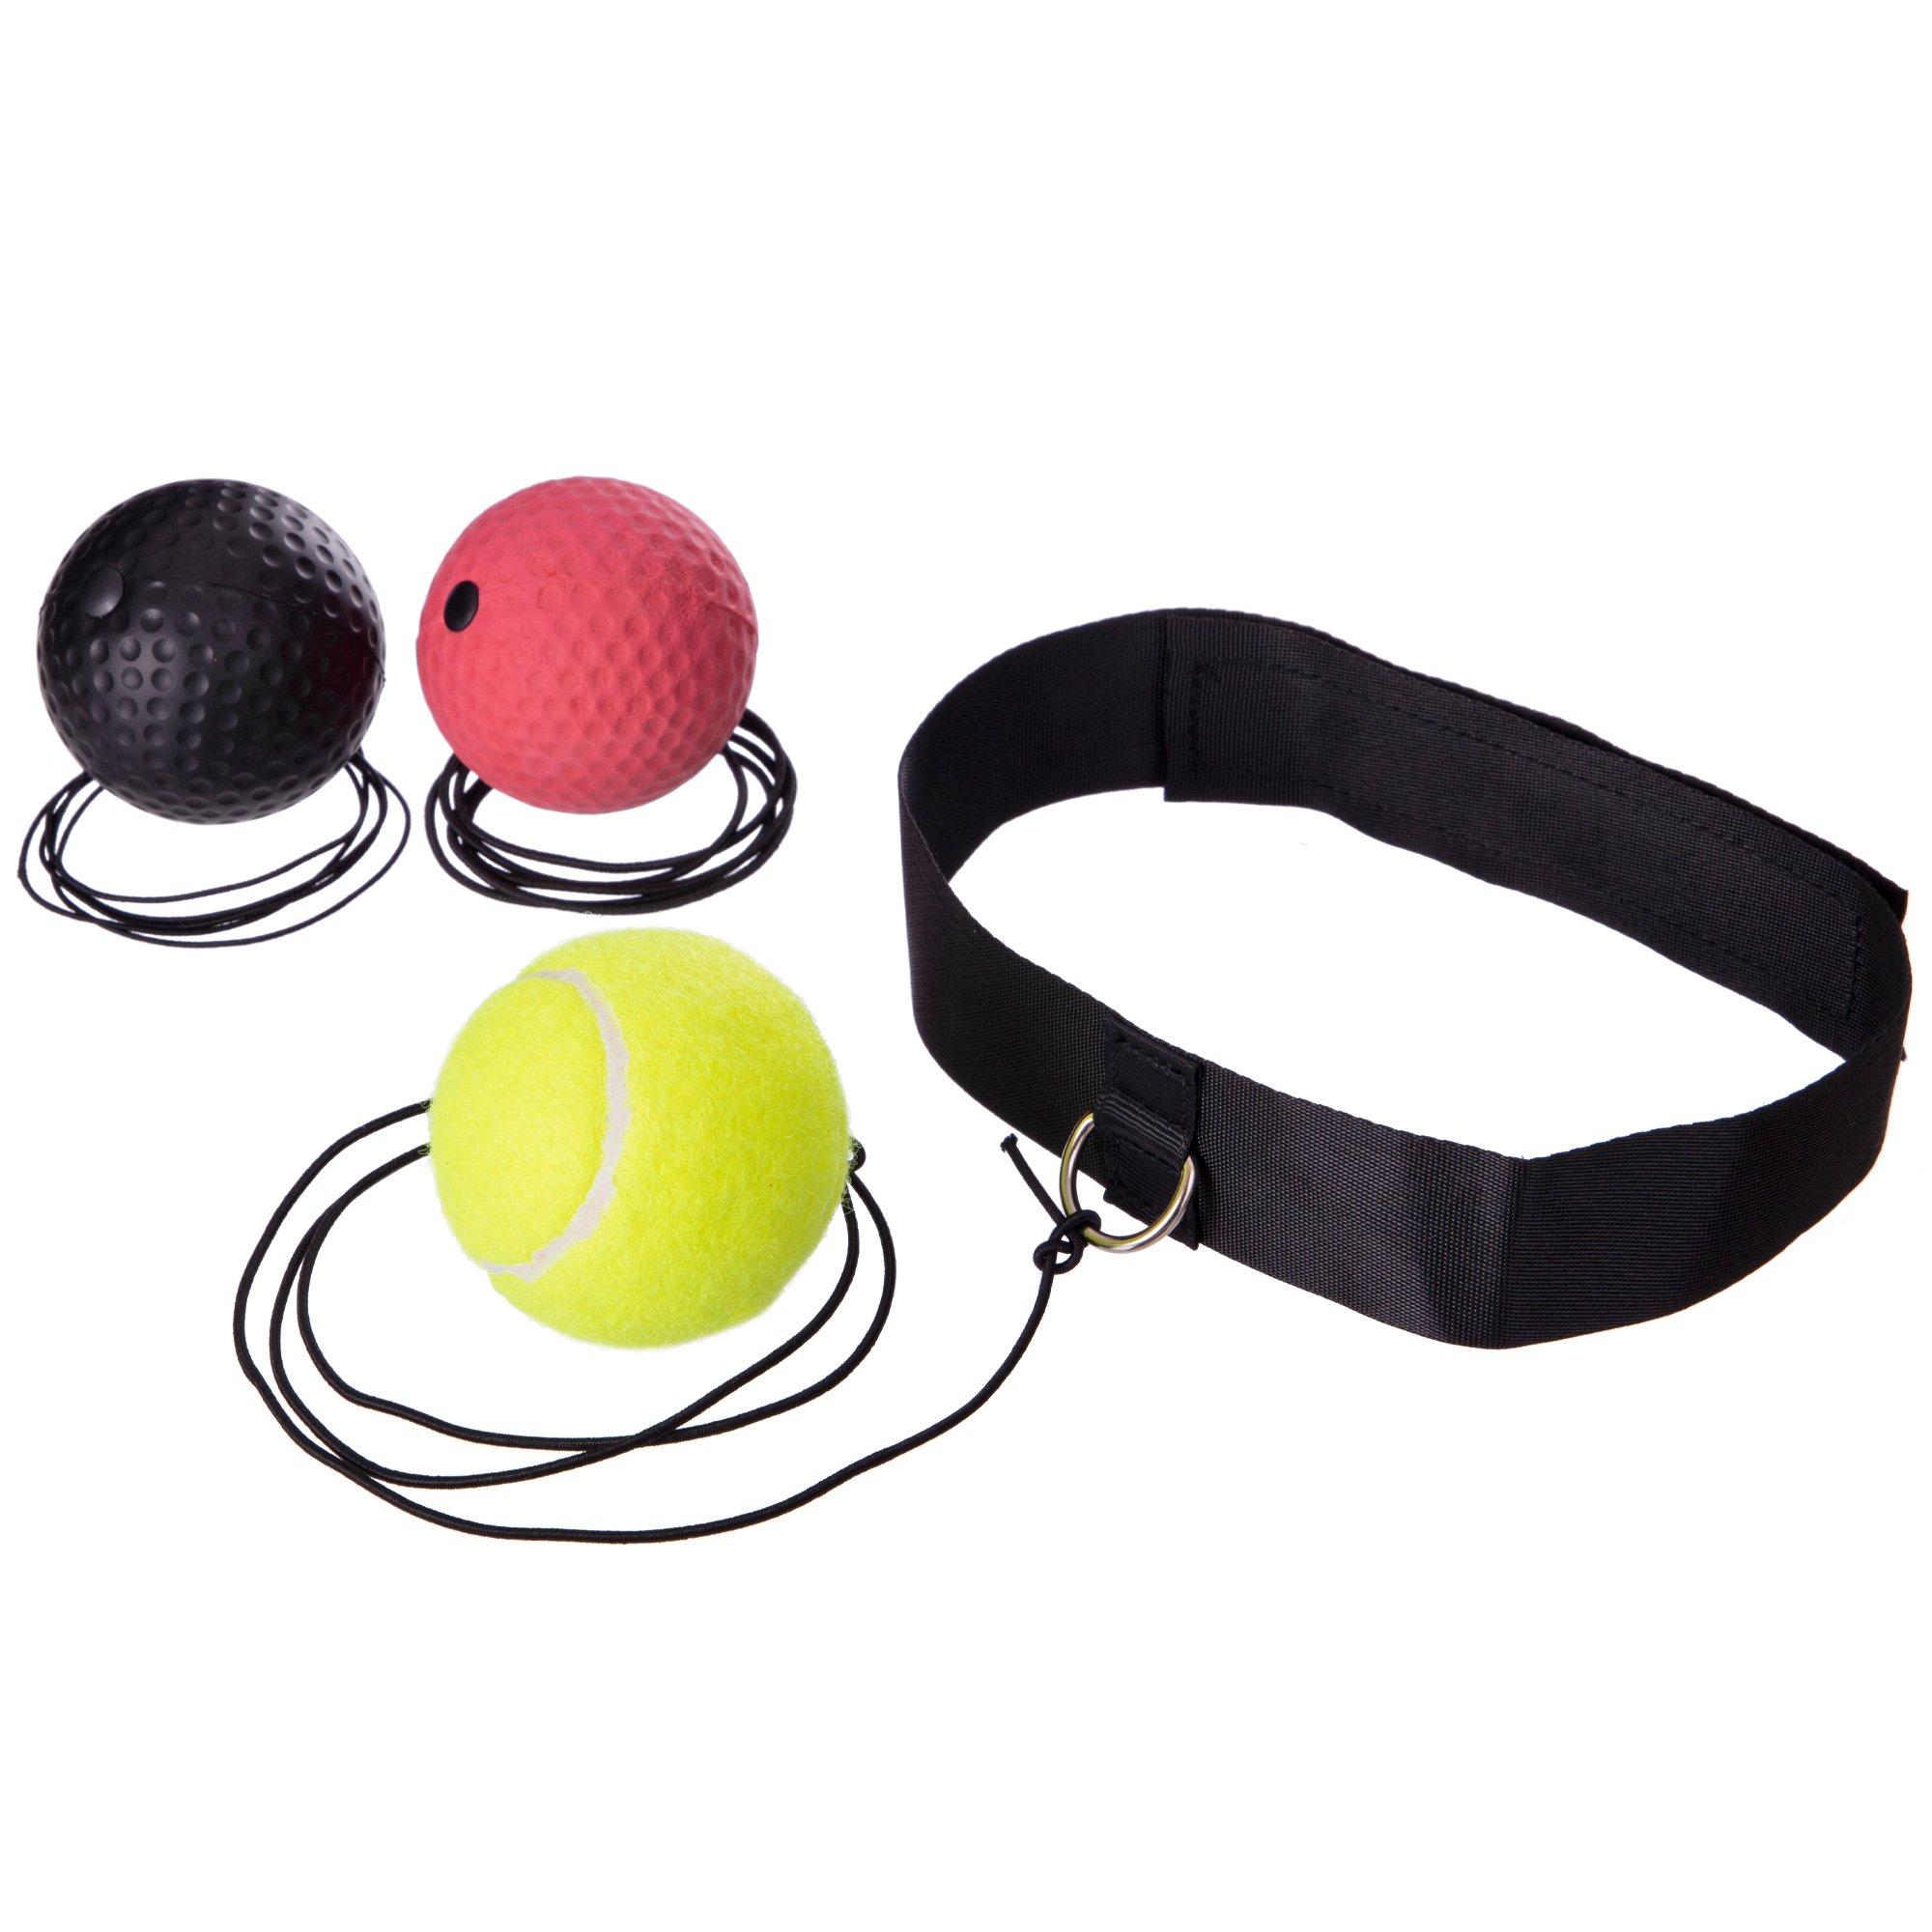 Файт Бол (мяч тренажер на резинке)